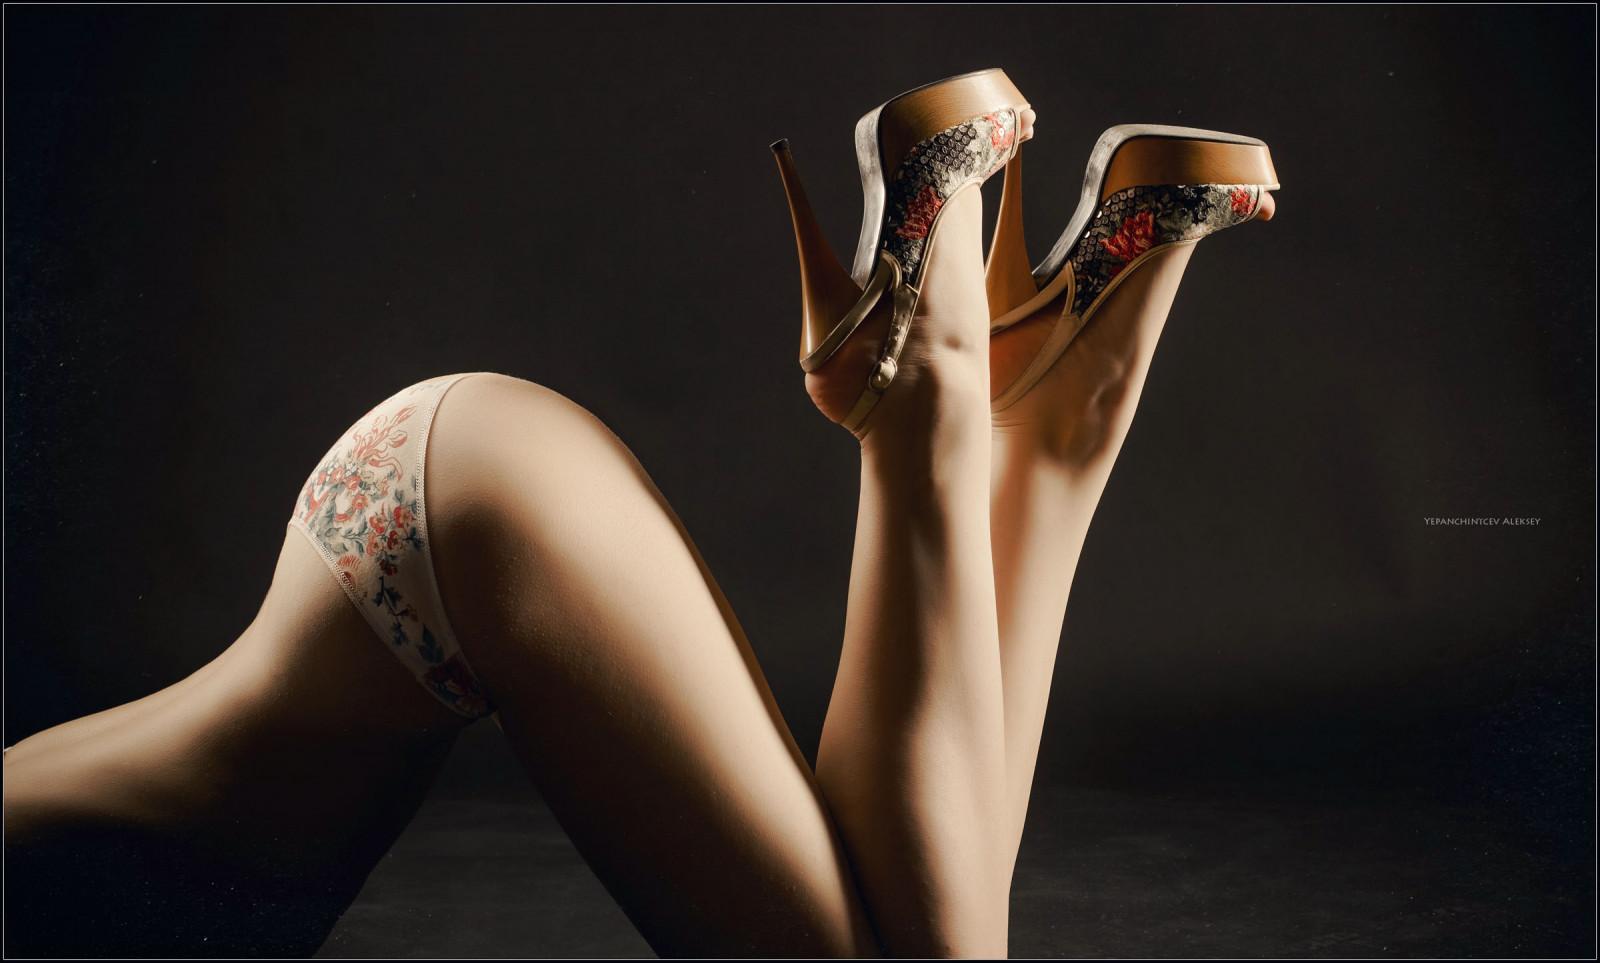 Очень красивая девушка и ее ножки с трусиками видео, фото фалоса в анале у женщин